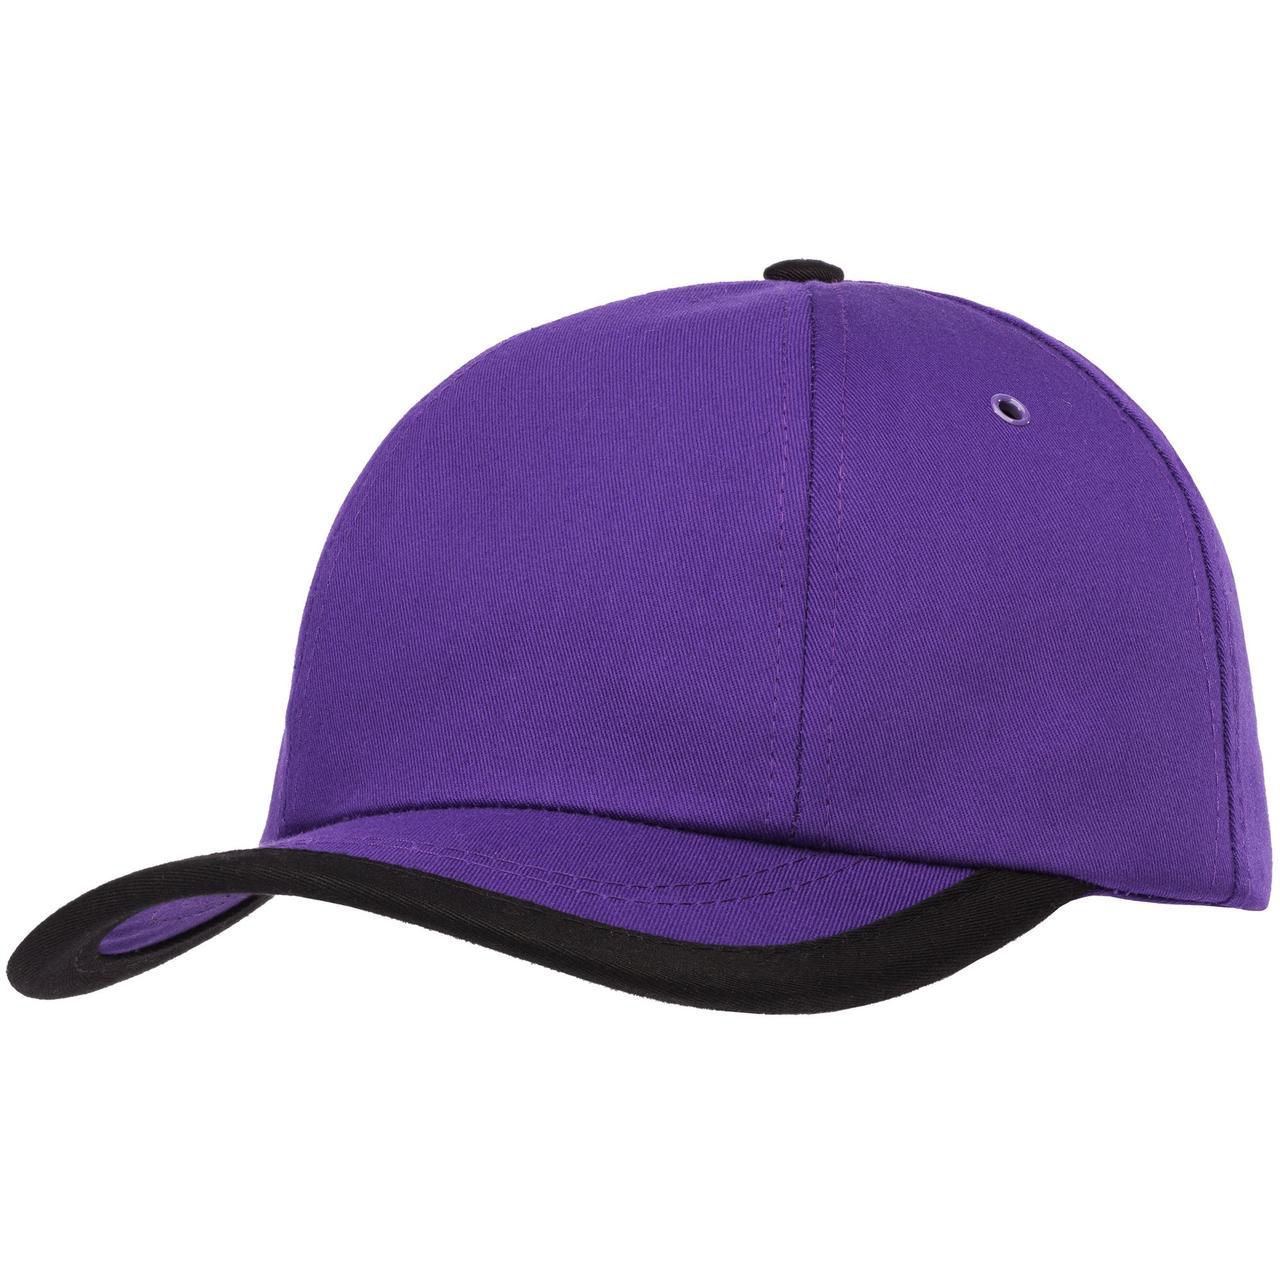 Бейсболка Bizbolka Honor, фиолетовая с черным кантом (артикул 11179.78)